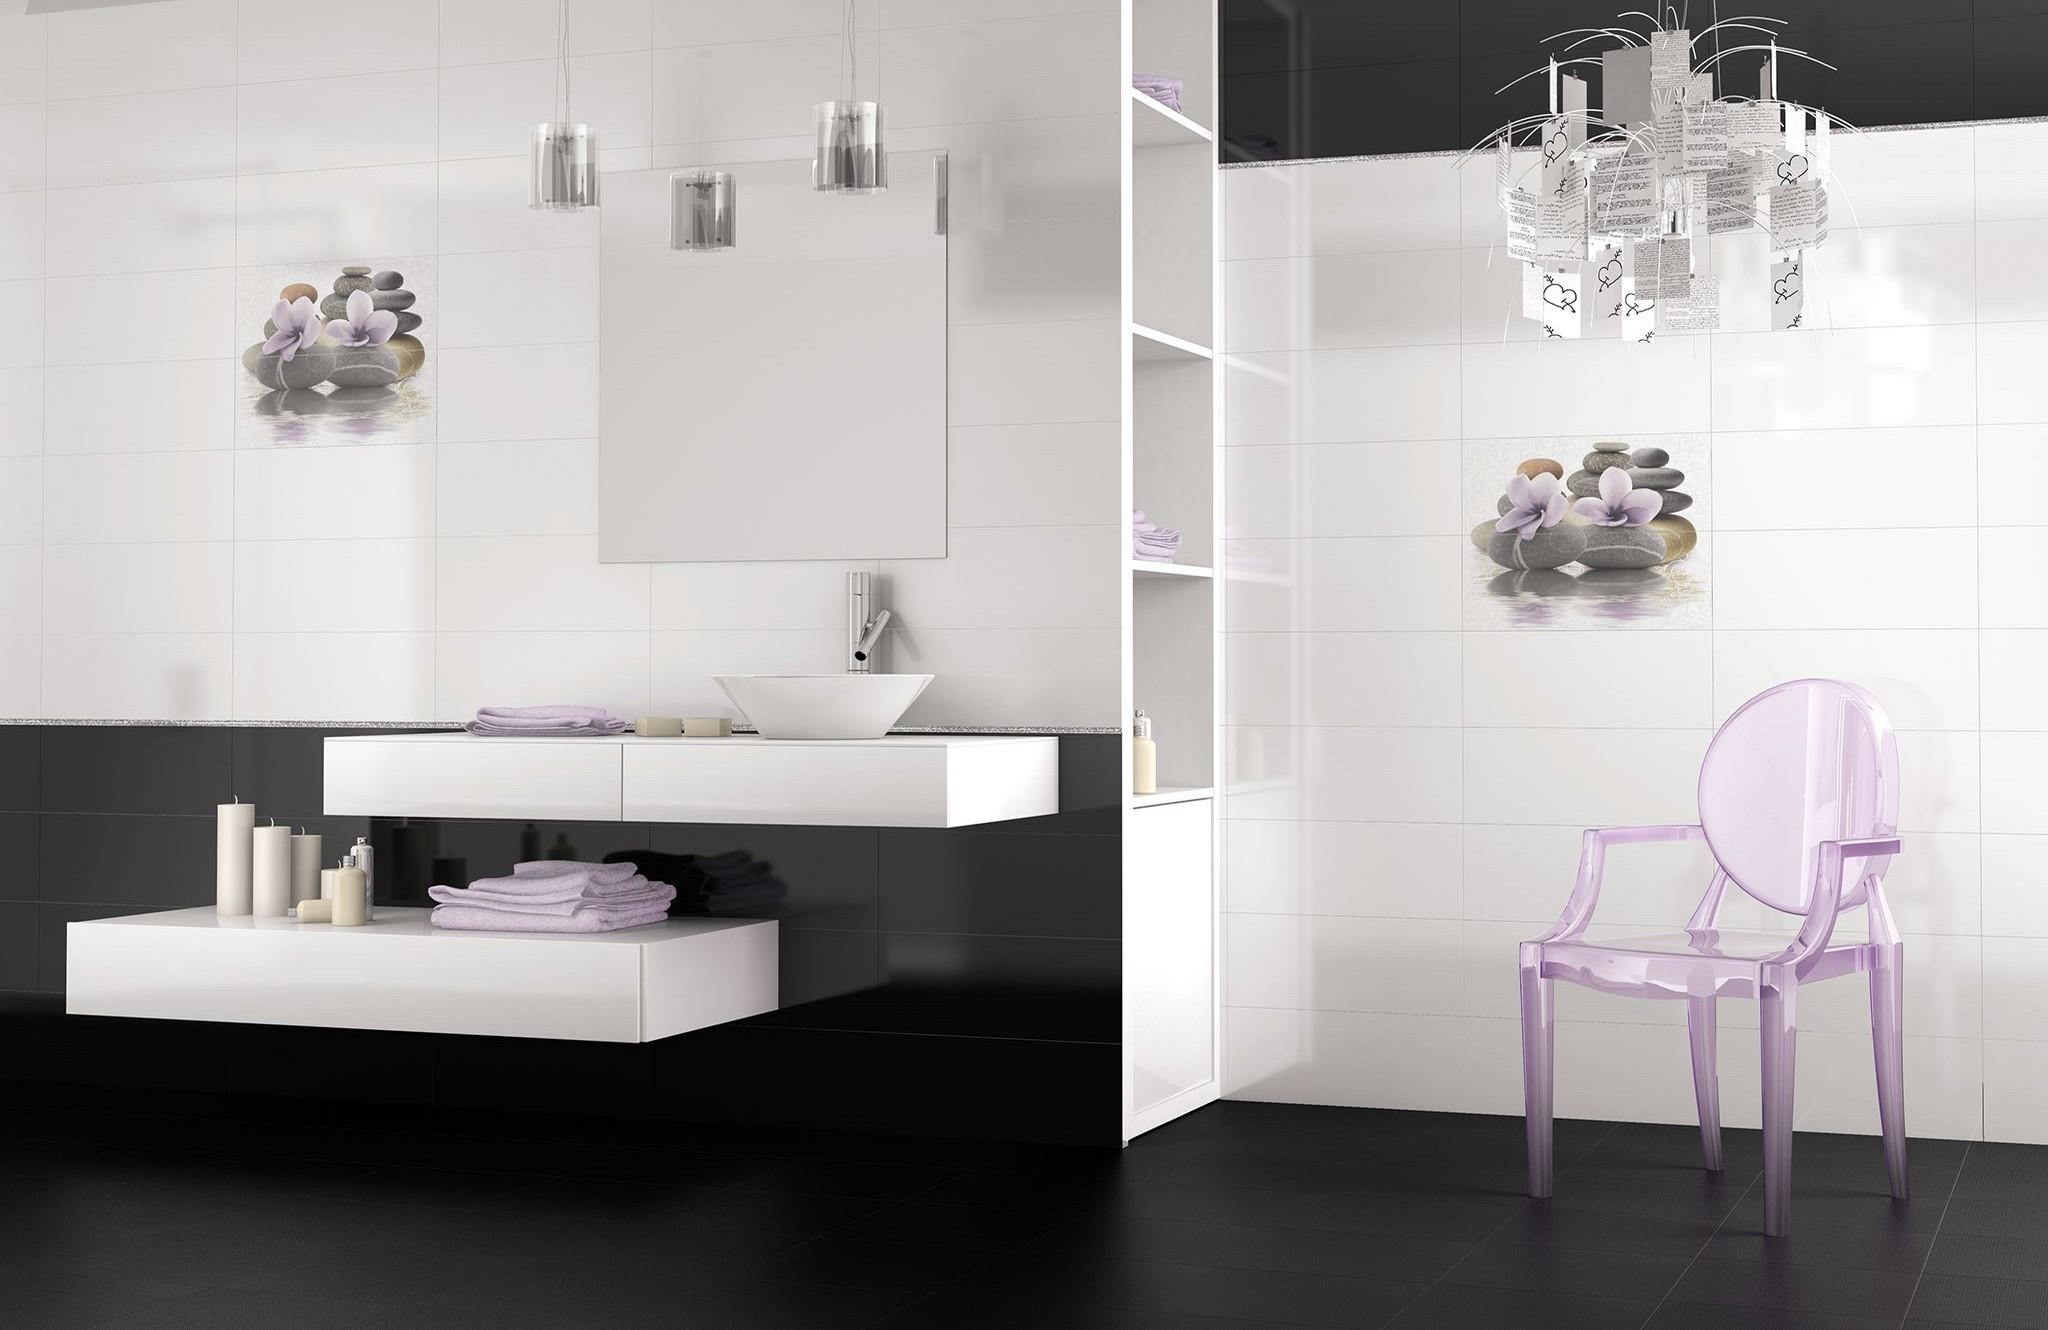 Faience salle de bain cifre serie intensity 20x50 1 - Faience salle de bain discount ...